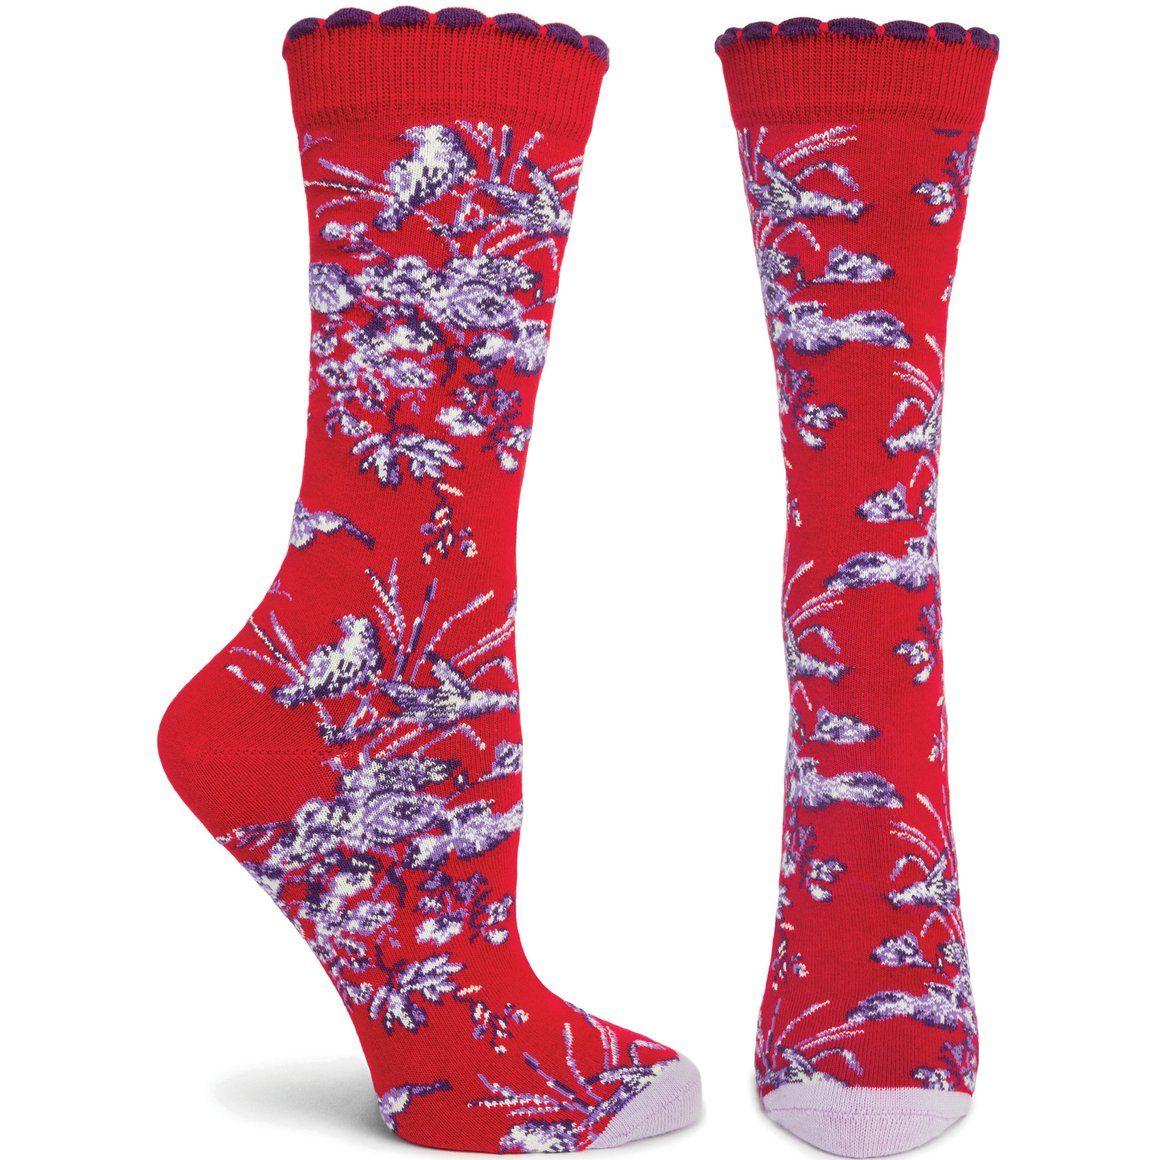 Ozone Socks Novelty Socks For Women and Men in 2020